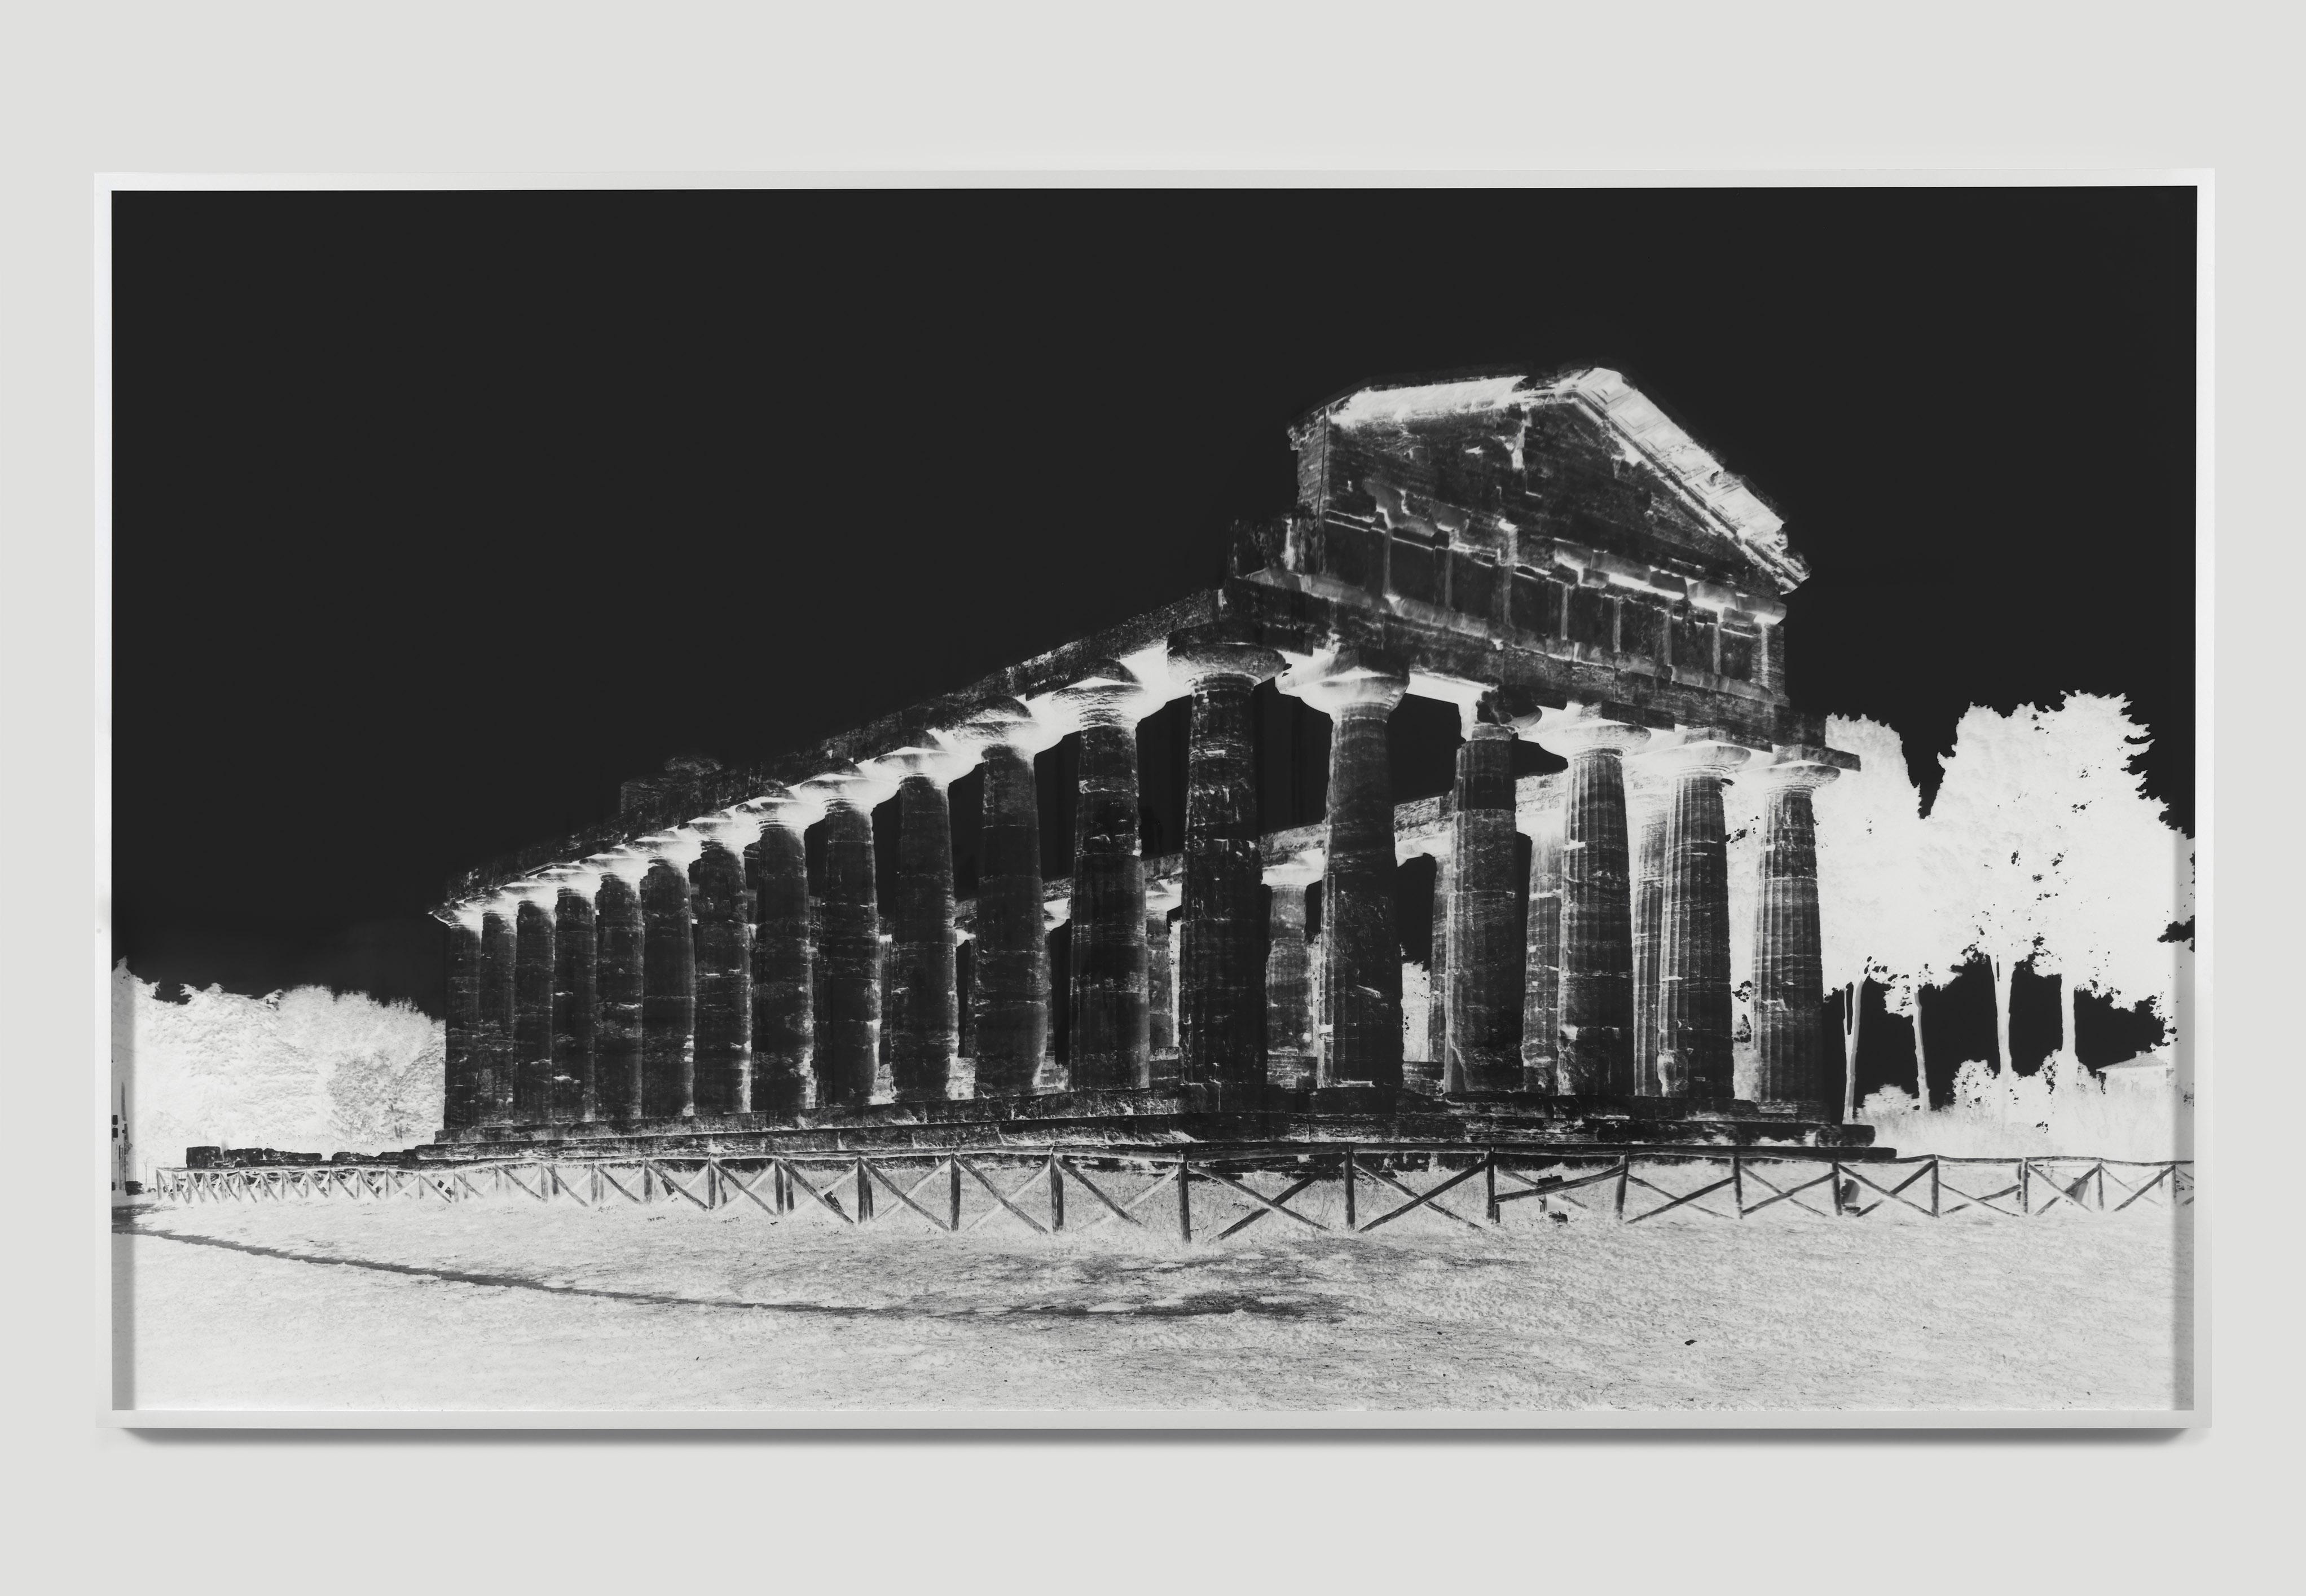 Vera Lutter_ Temple of Athena, Paestum, VI_October 8-9_ 2015 Unique silver gelatin print_ Courtesy: Galleria Alfonso Artiaco, Napoli